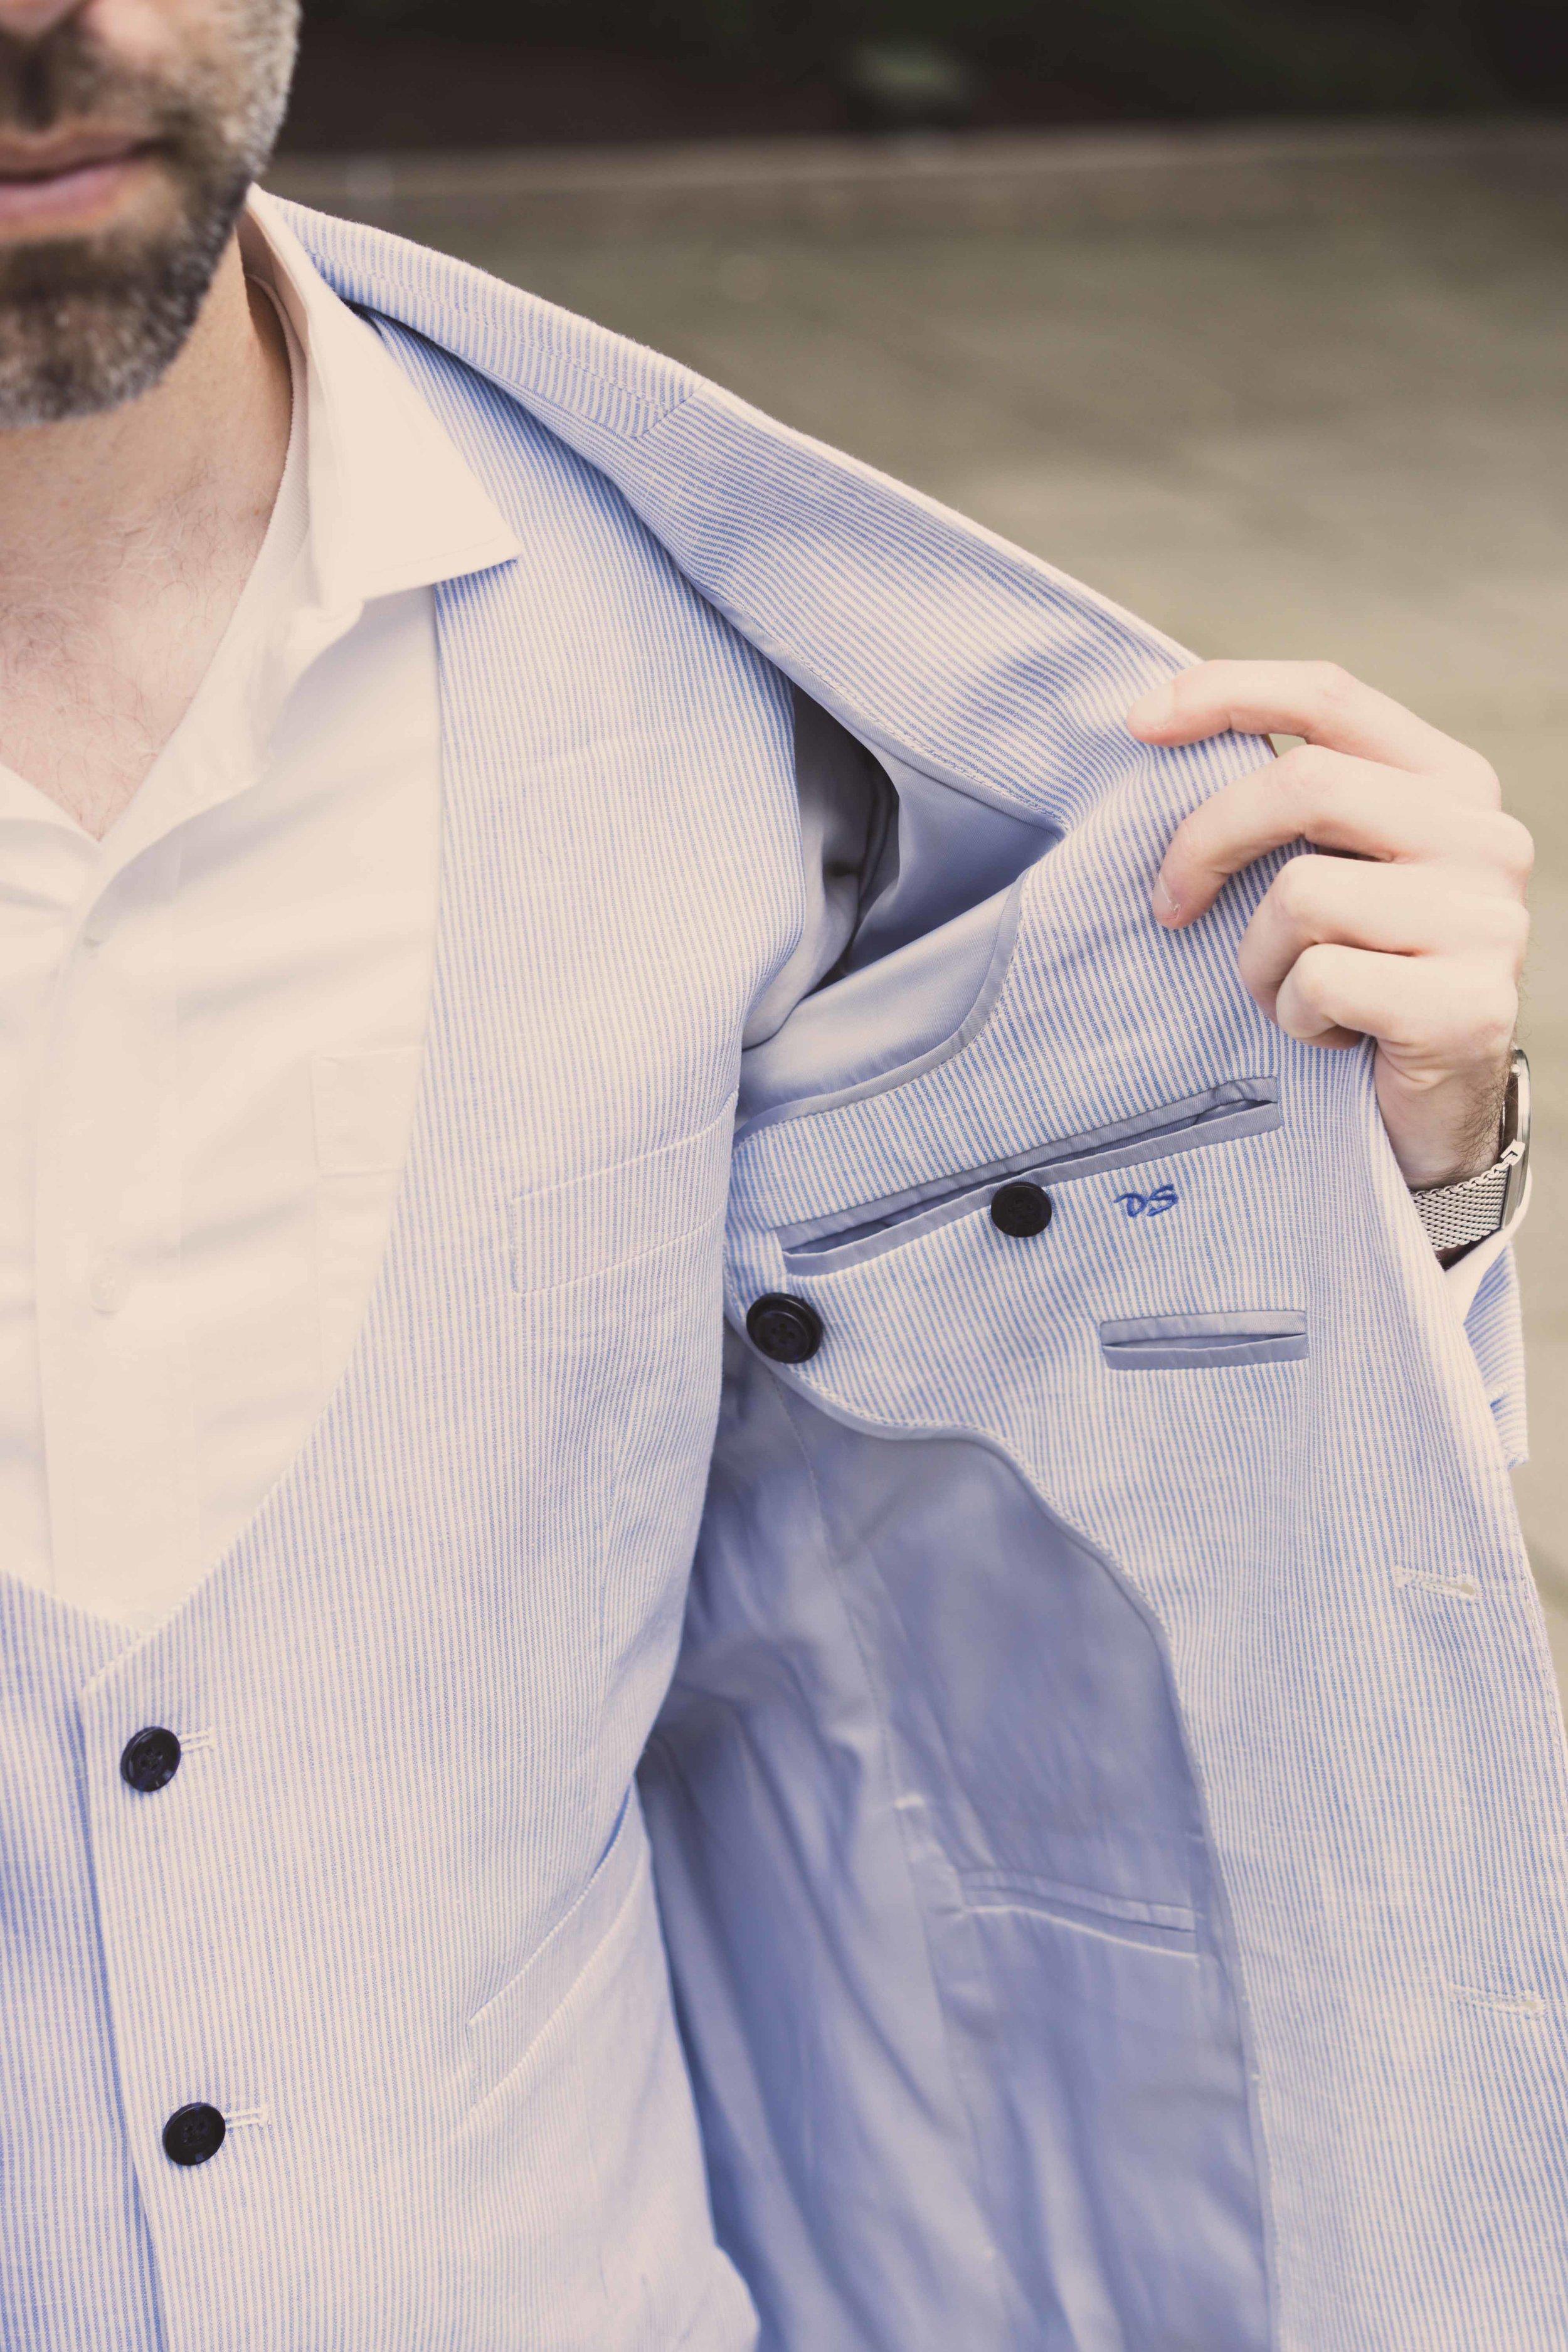 Men's Tailor Made 3-Piece Blue/White Suit